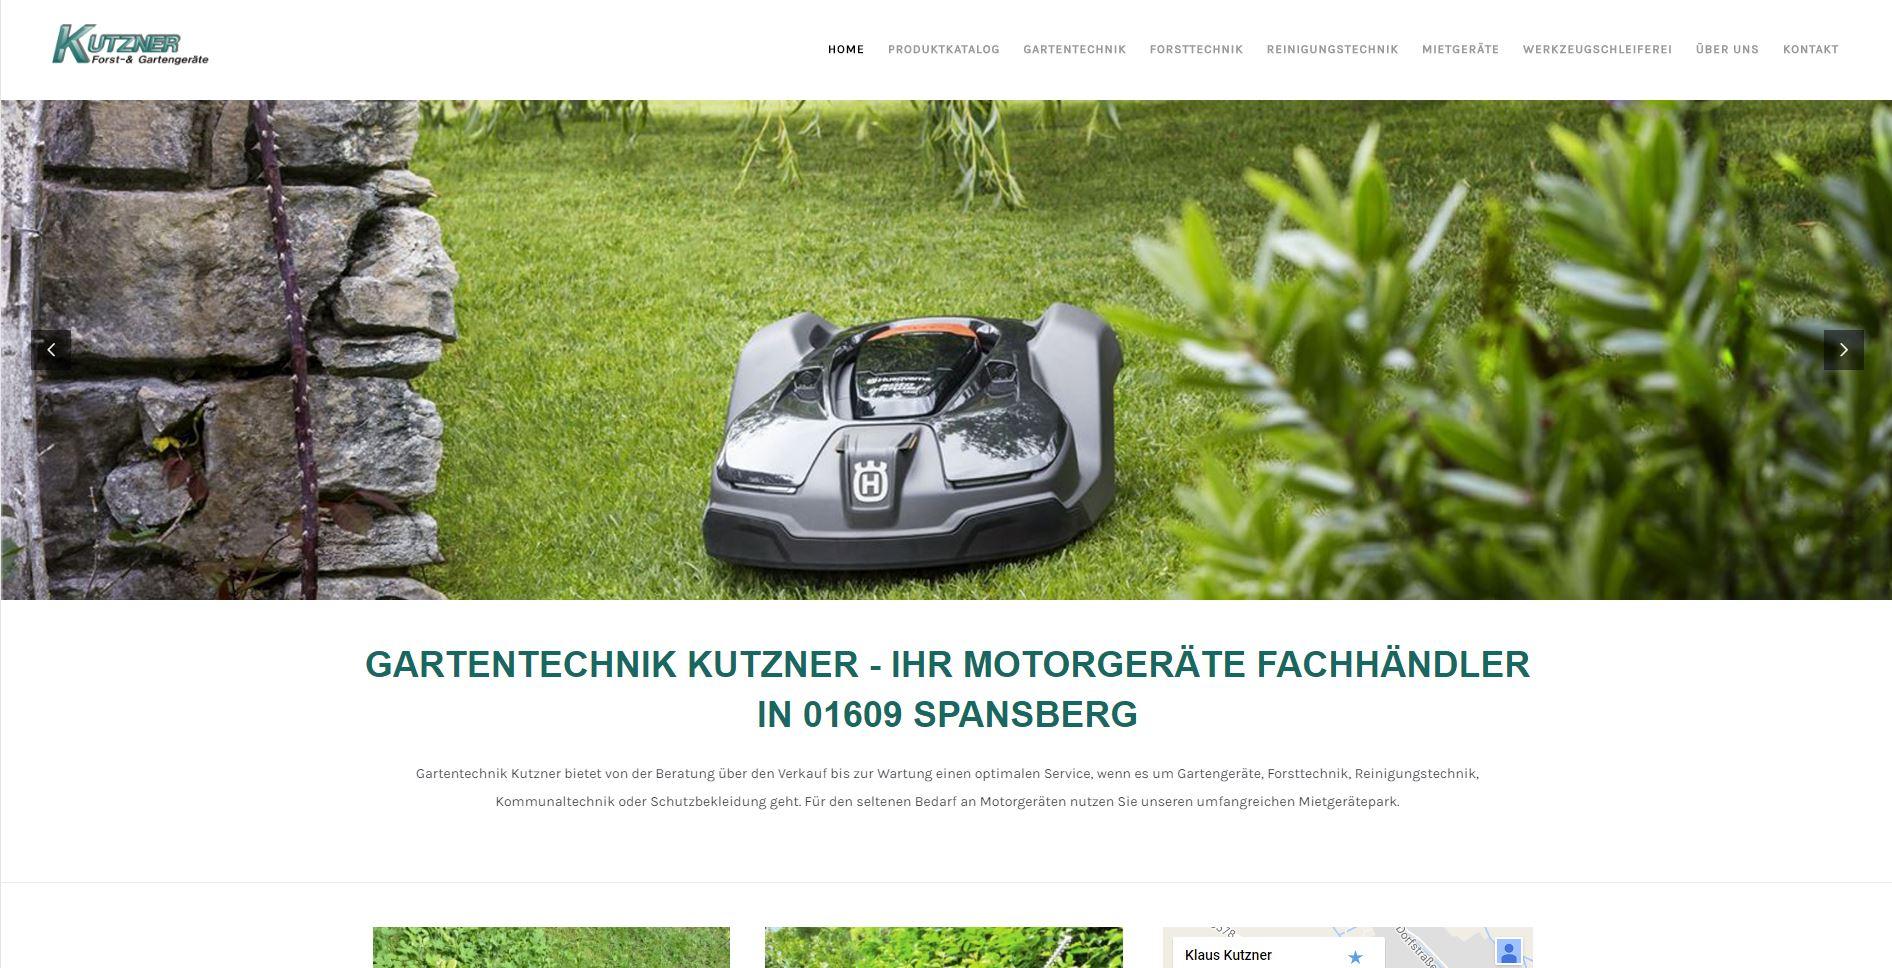 gartentechnik-kutzner.de Homepage